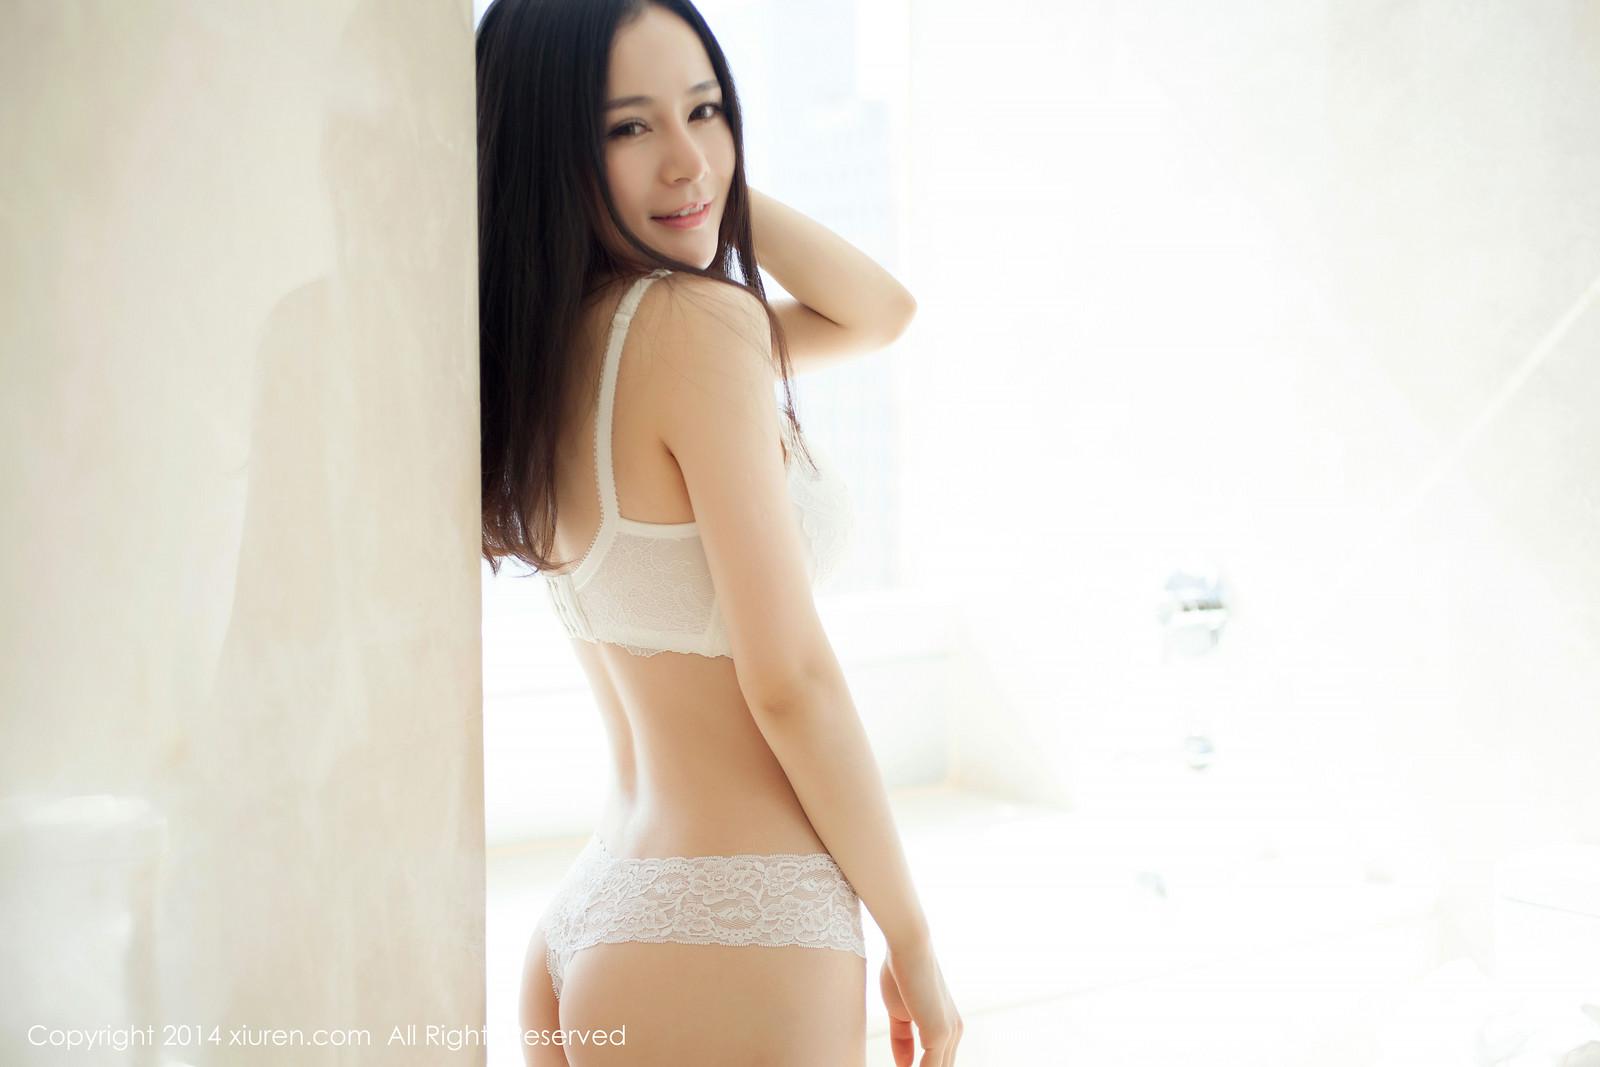 Ảnh gái đẹp HD Trắng thuần khiết cong tuyệt hảo 1